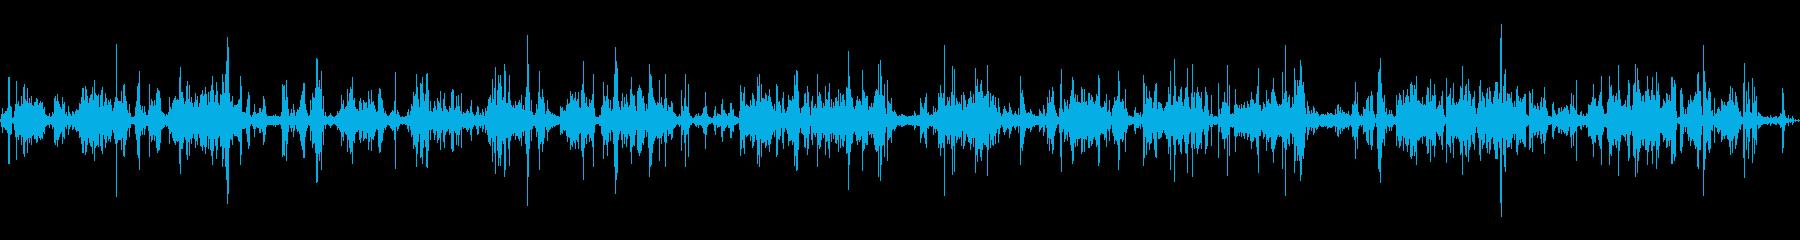 間欠泉鍋:バブリング、スチームヒスの再生済みの波形